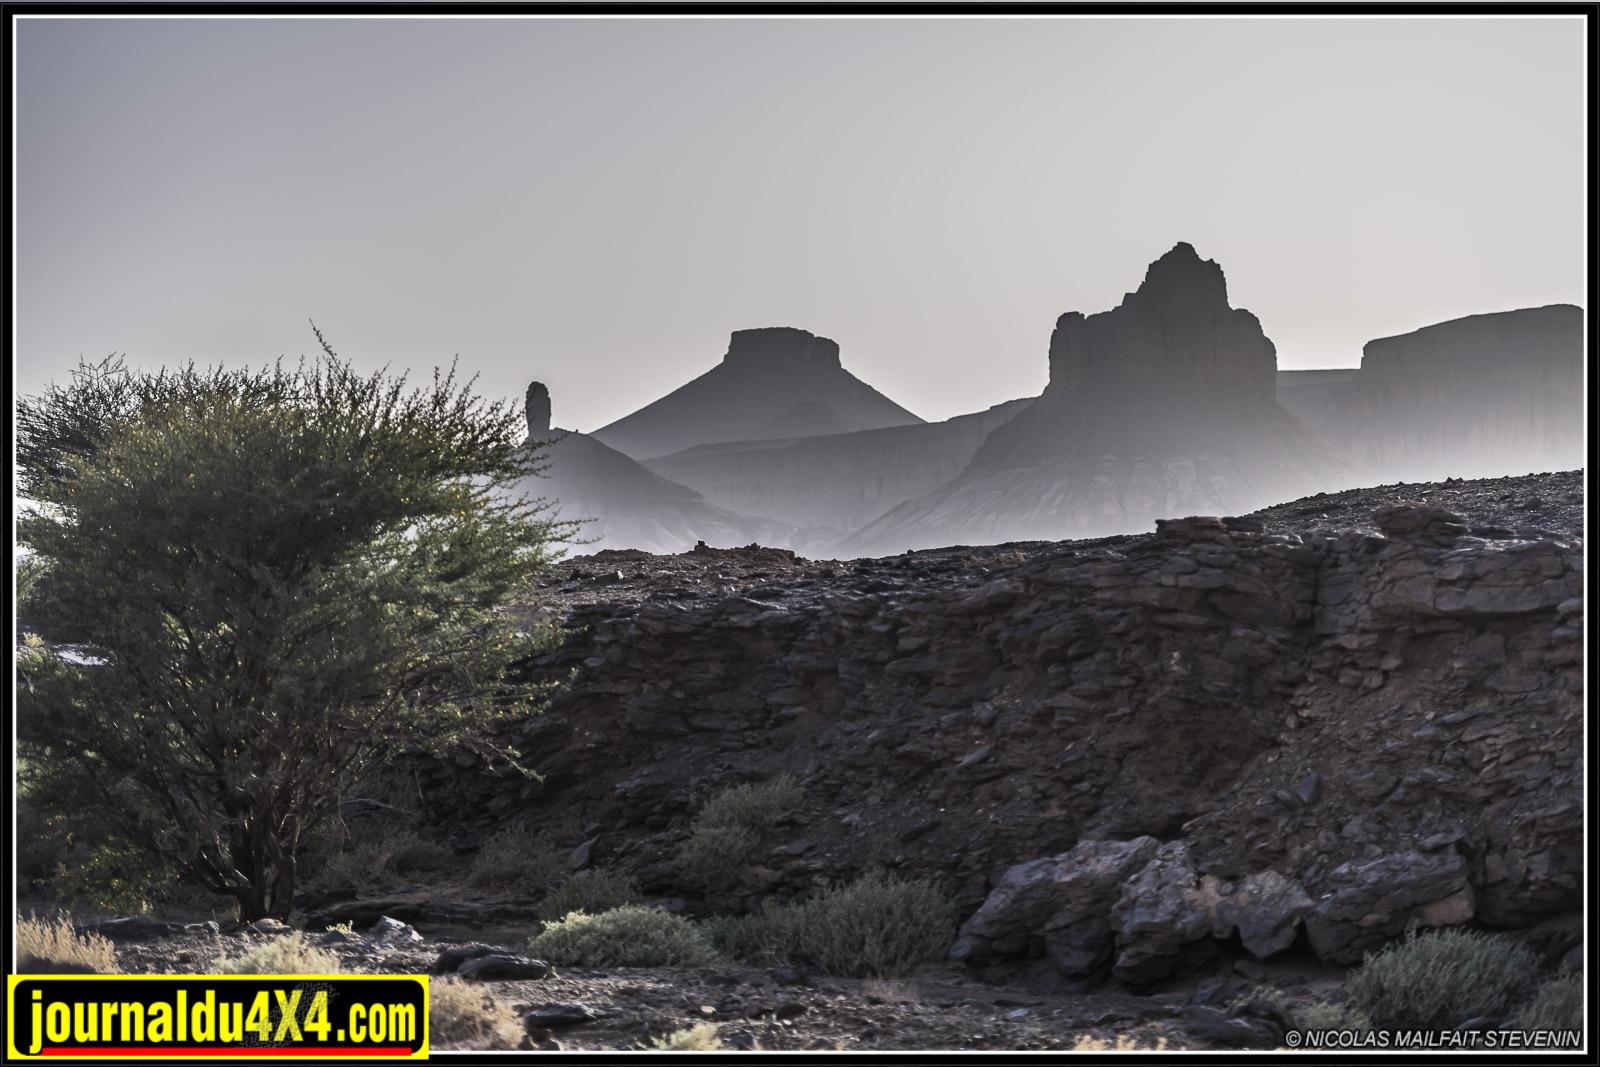 rallye-aicha-gazelles-maroc-2017-7946.jpg